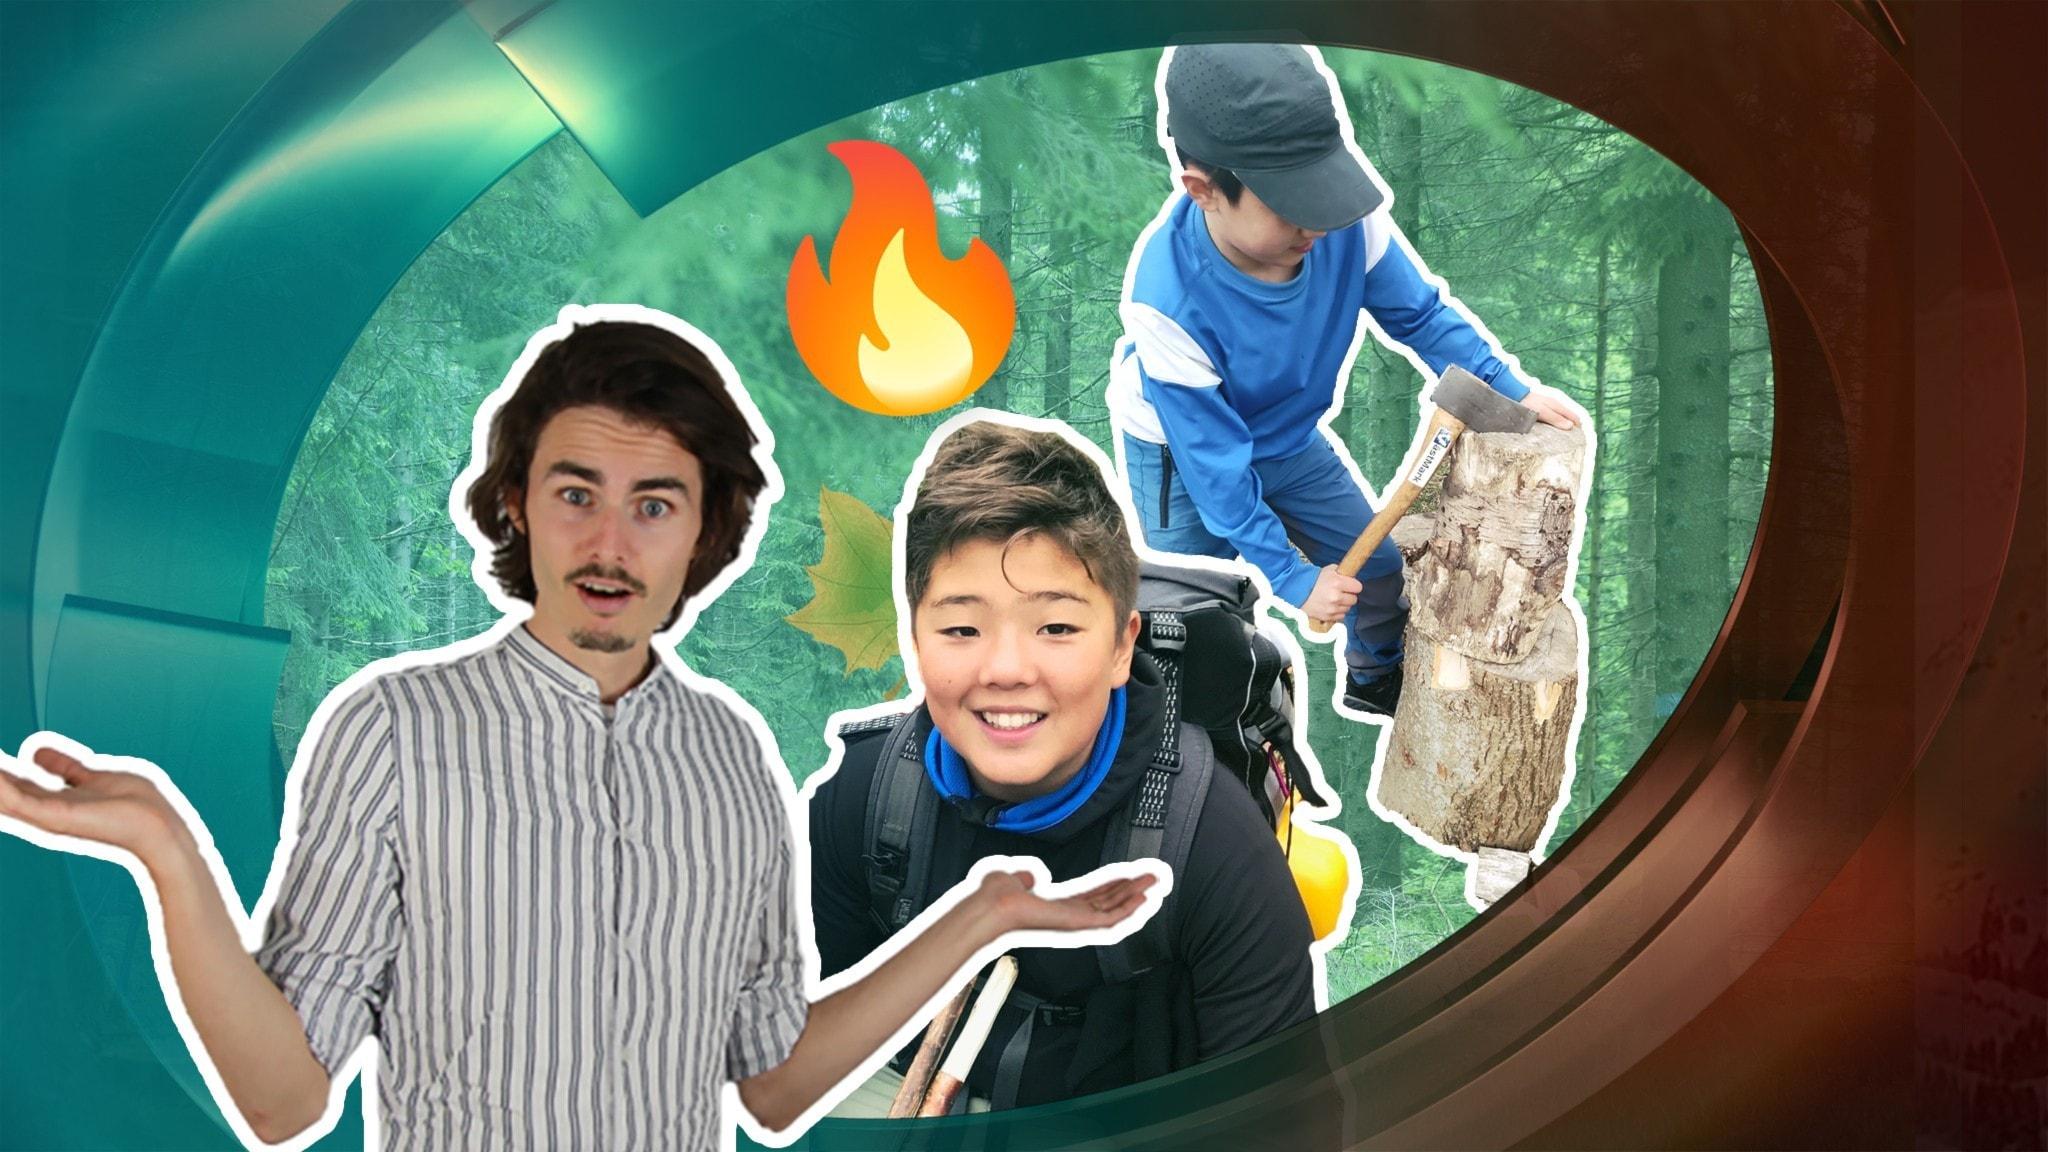 Arvid har varit på besök hos scouter och Oliver längtar efter att få laga mat i skogen